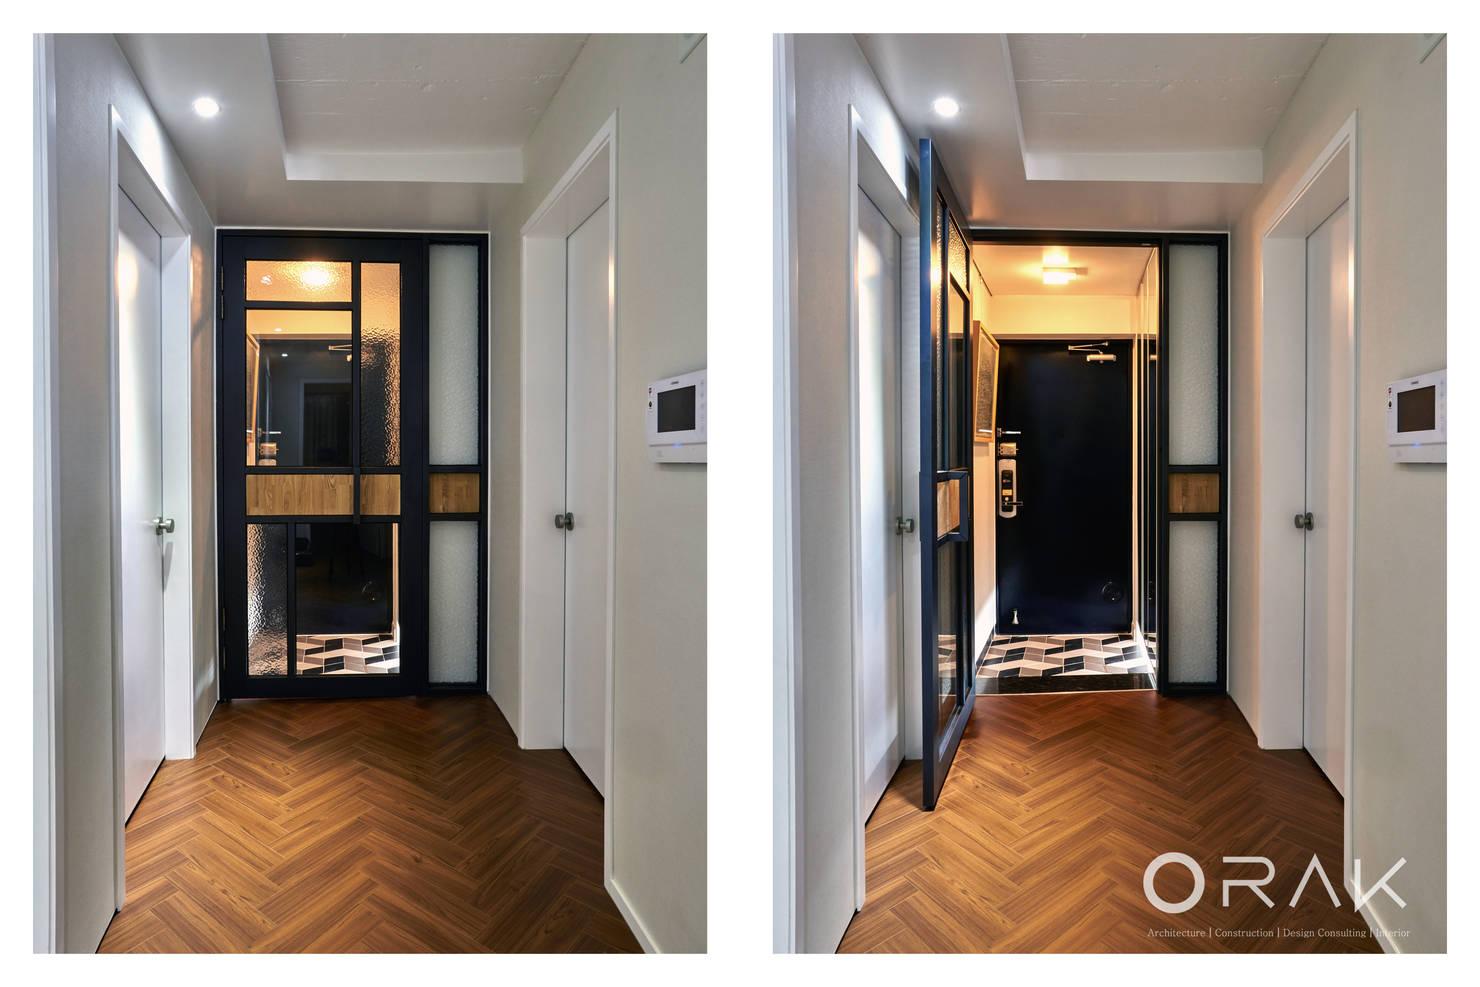 향긋한 책 향기와 가정의 온기로 채운 35평 아파트 인테리어